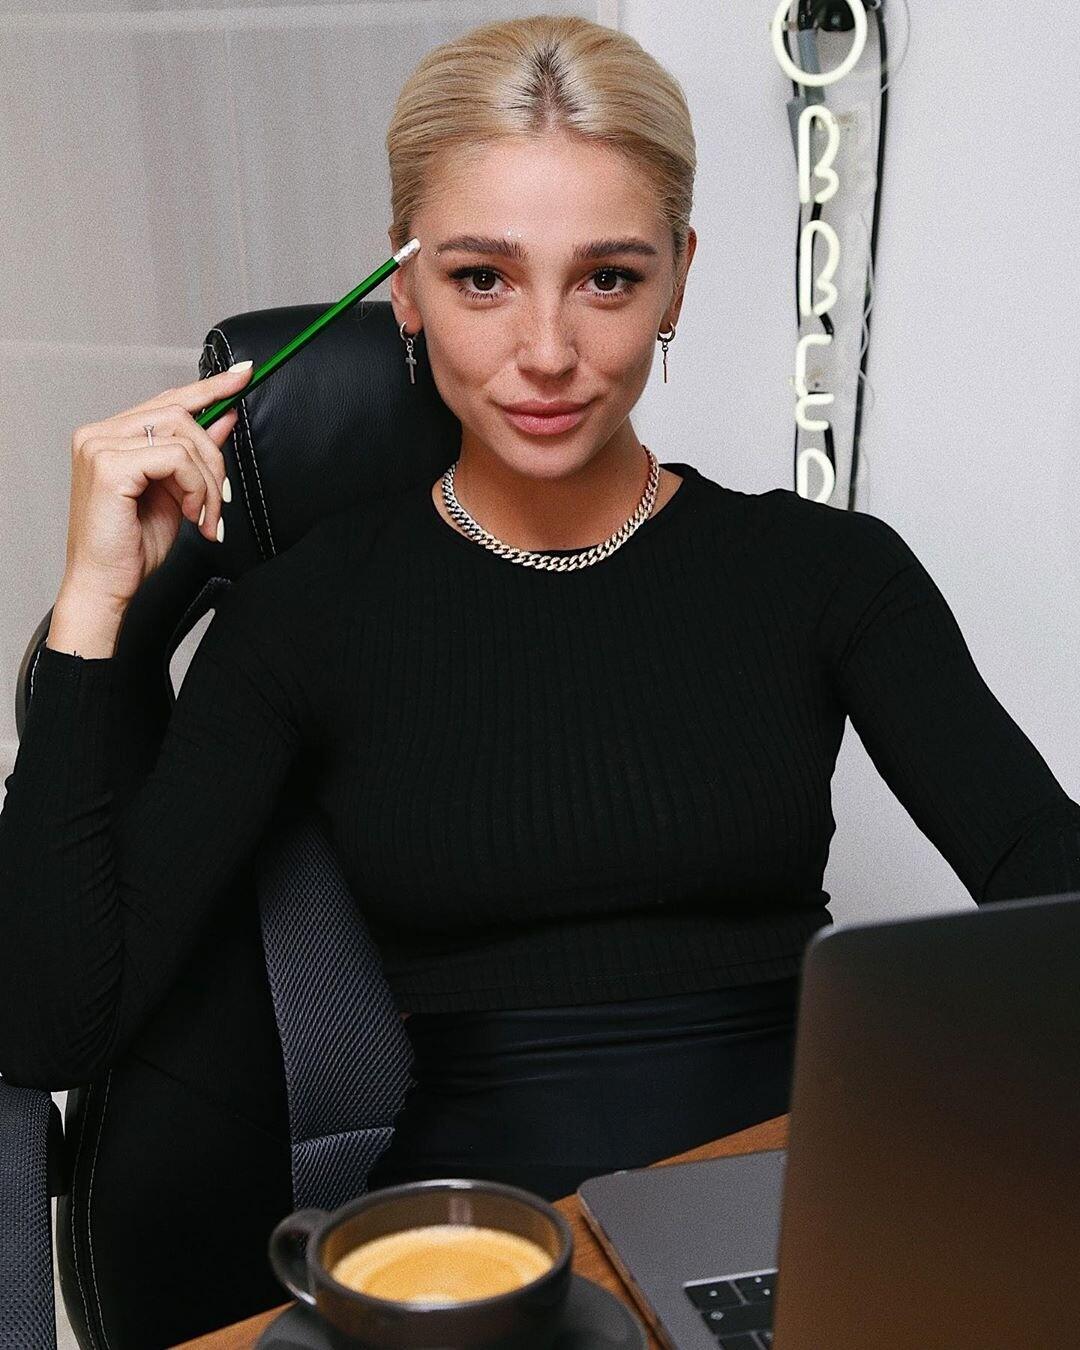 Настя Ивлеева извинилась перед Анитой Цой, которая поссорилась с мужем из-за ее шутки